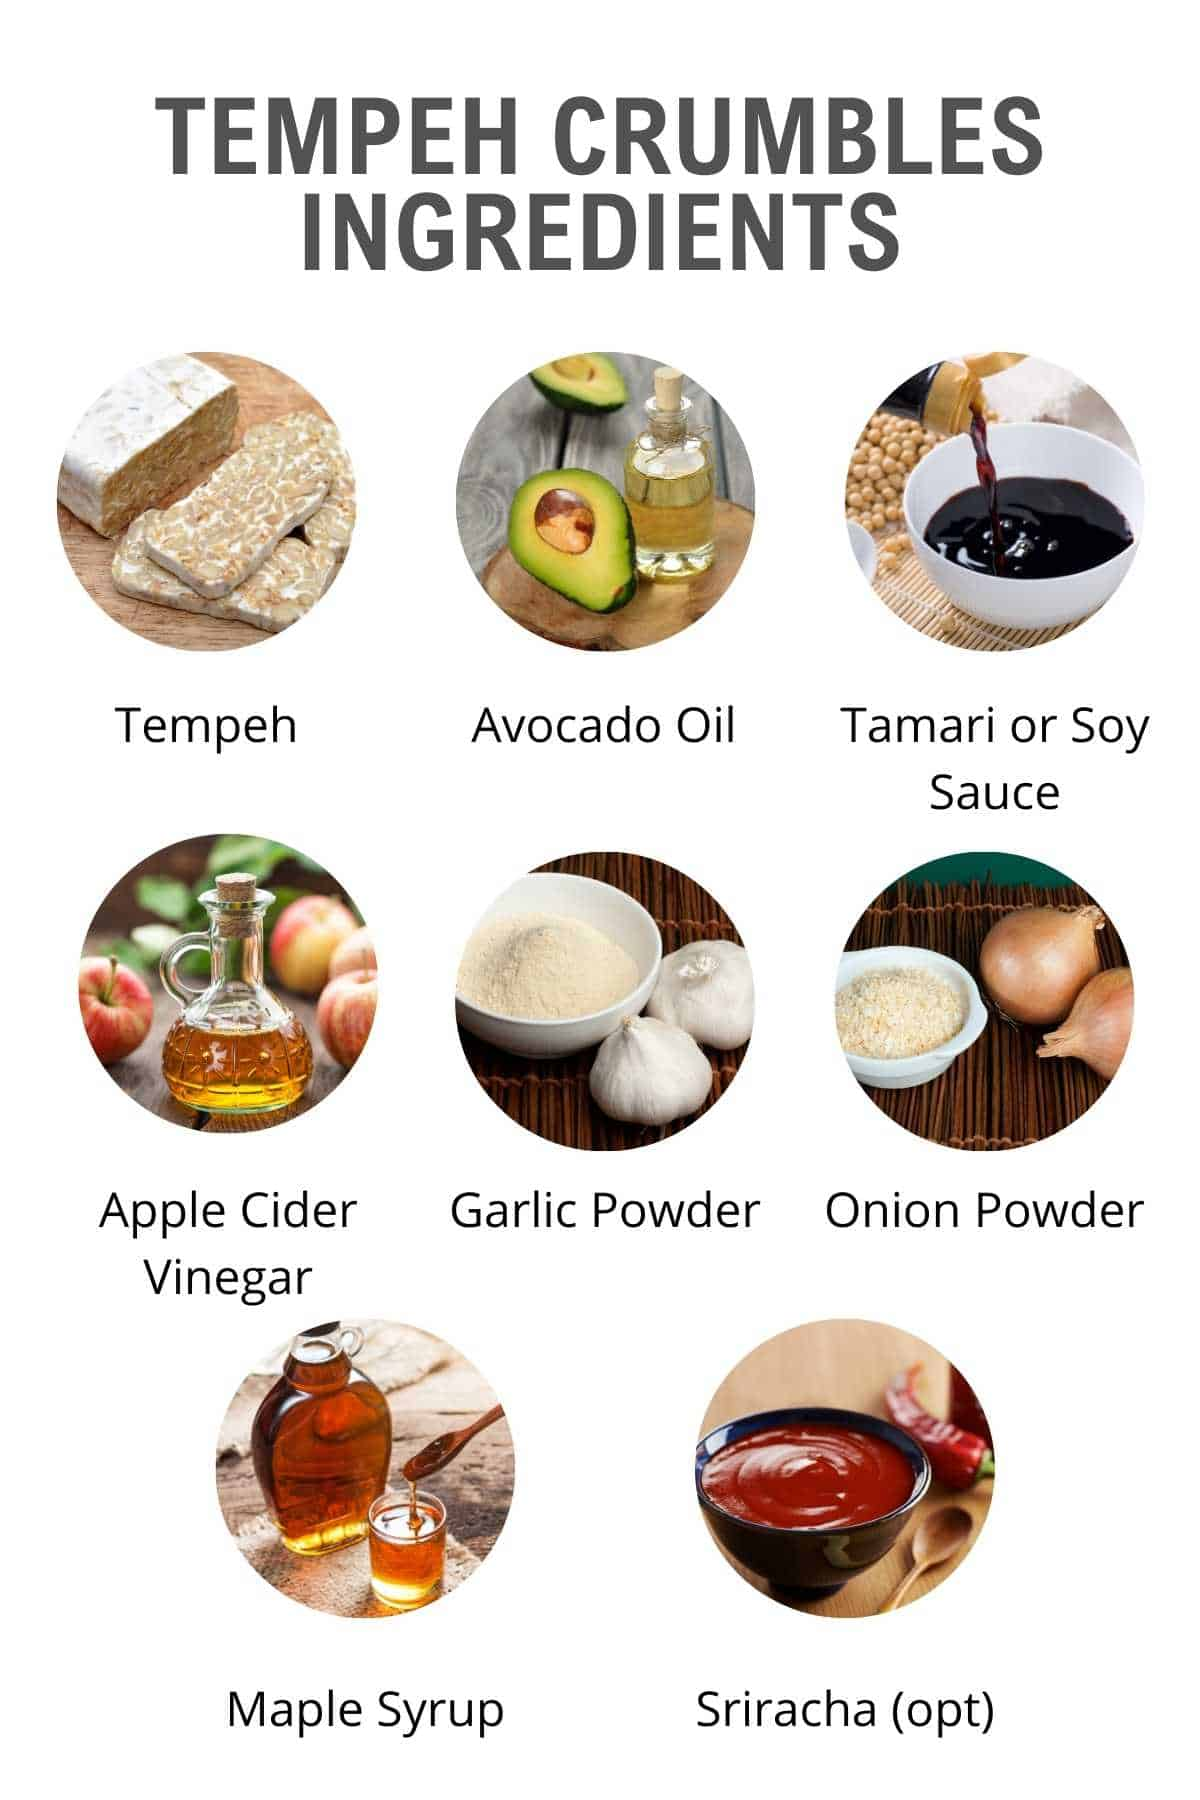 tempeh crumbles ingredients